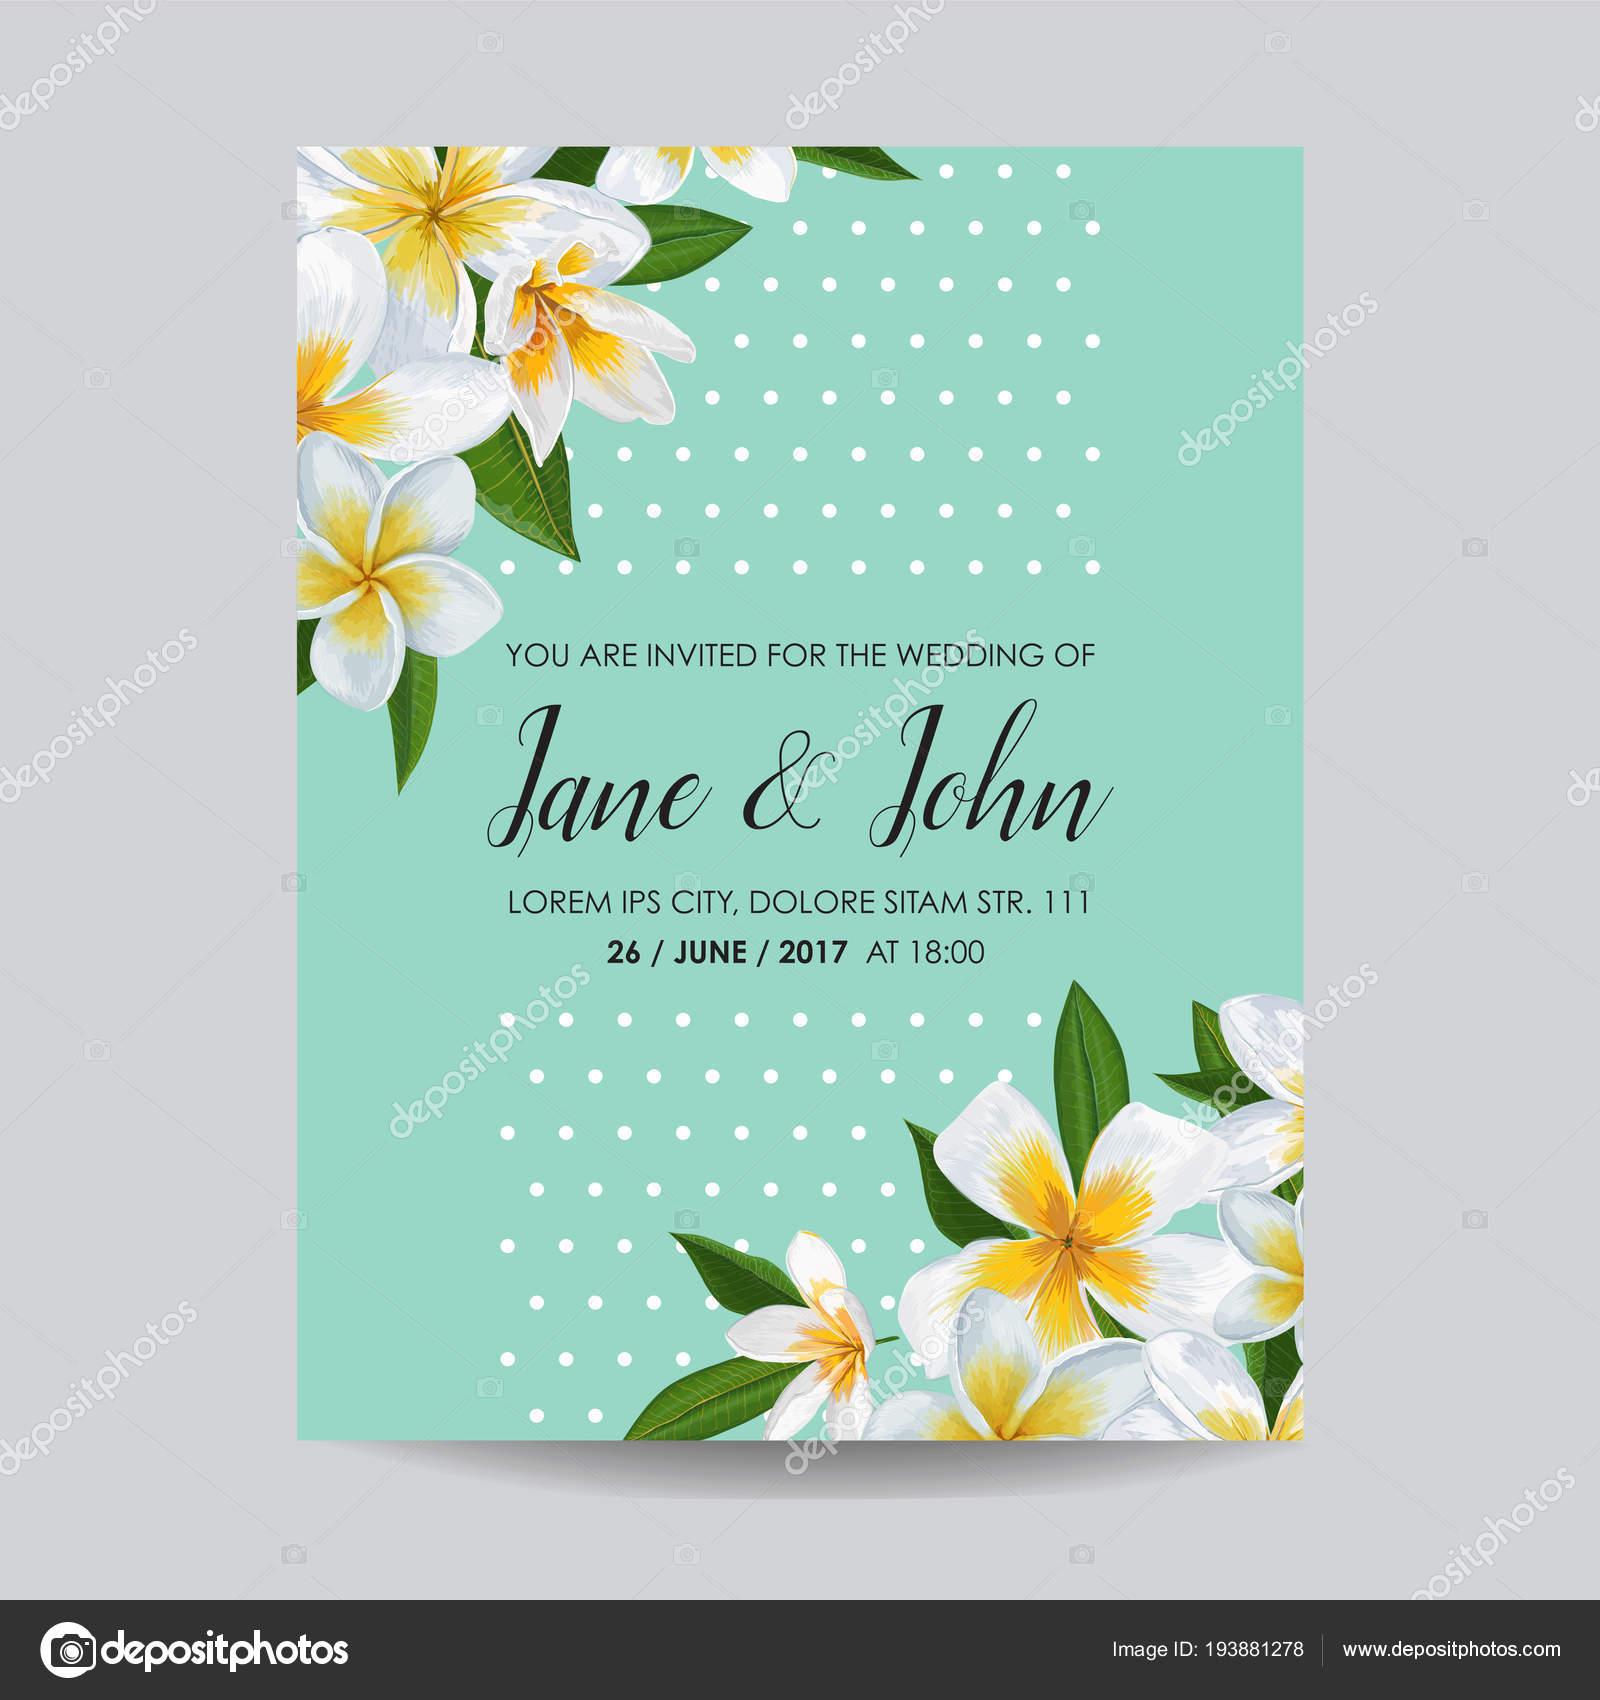 Hochzeit Einladung Vorlage Mit Plumeria Blüten. Tropischen Blumen Speichern  Das Datum Card Exotische Blume Romantische Design Zur Begrüßung, Postkarte,  ...